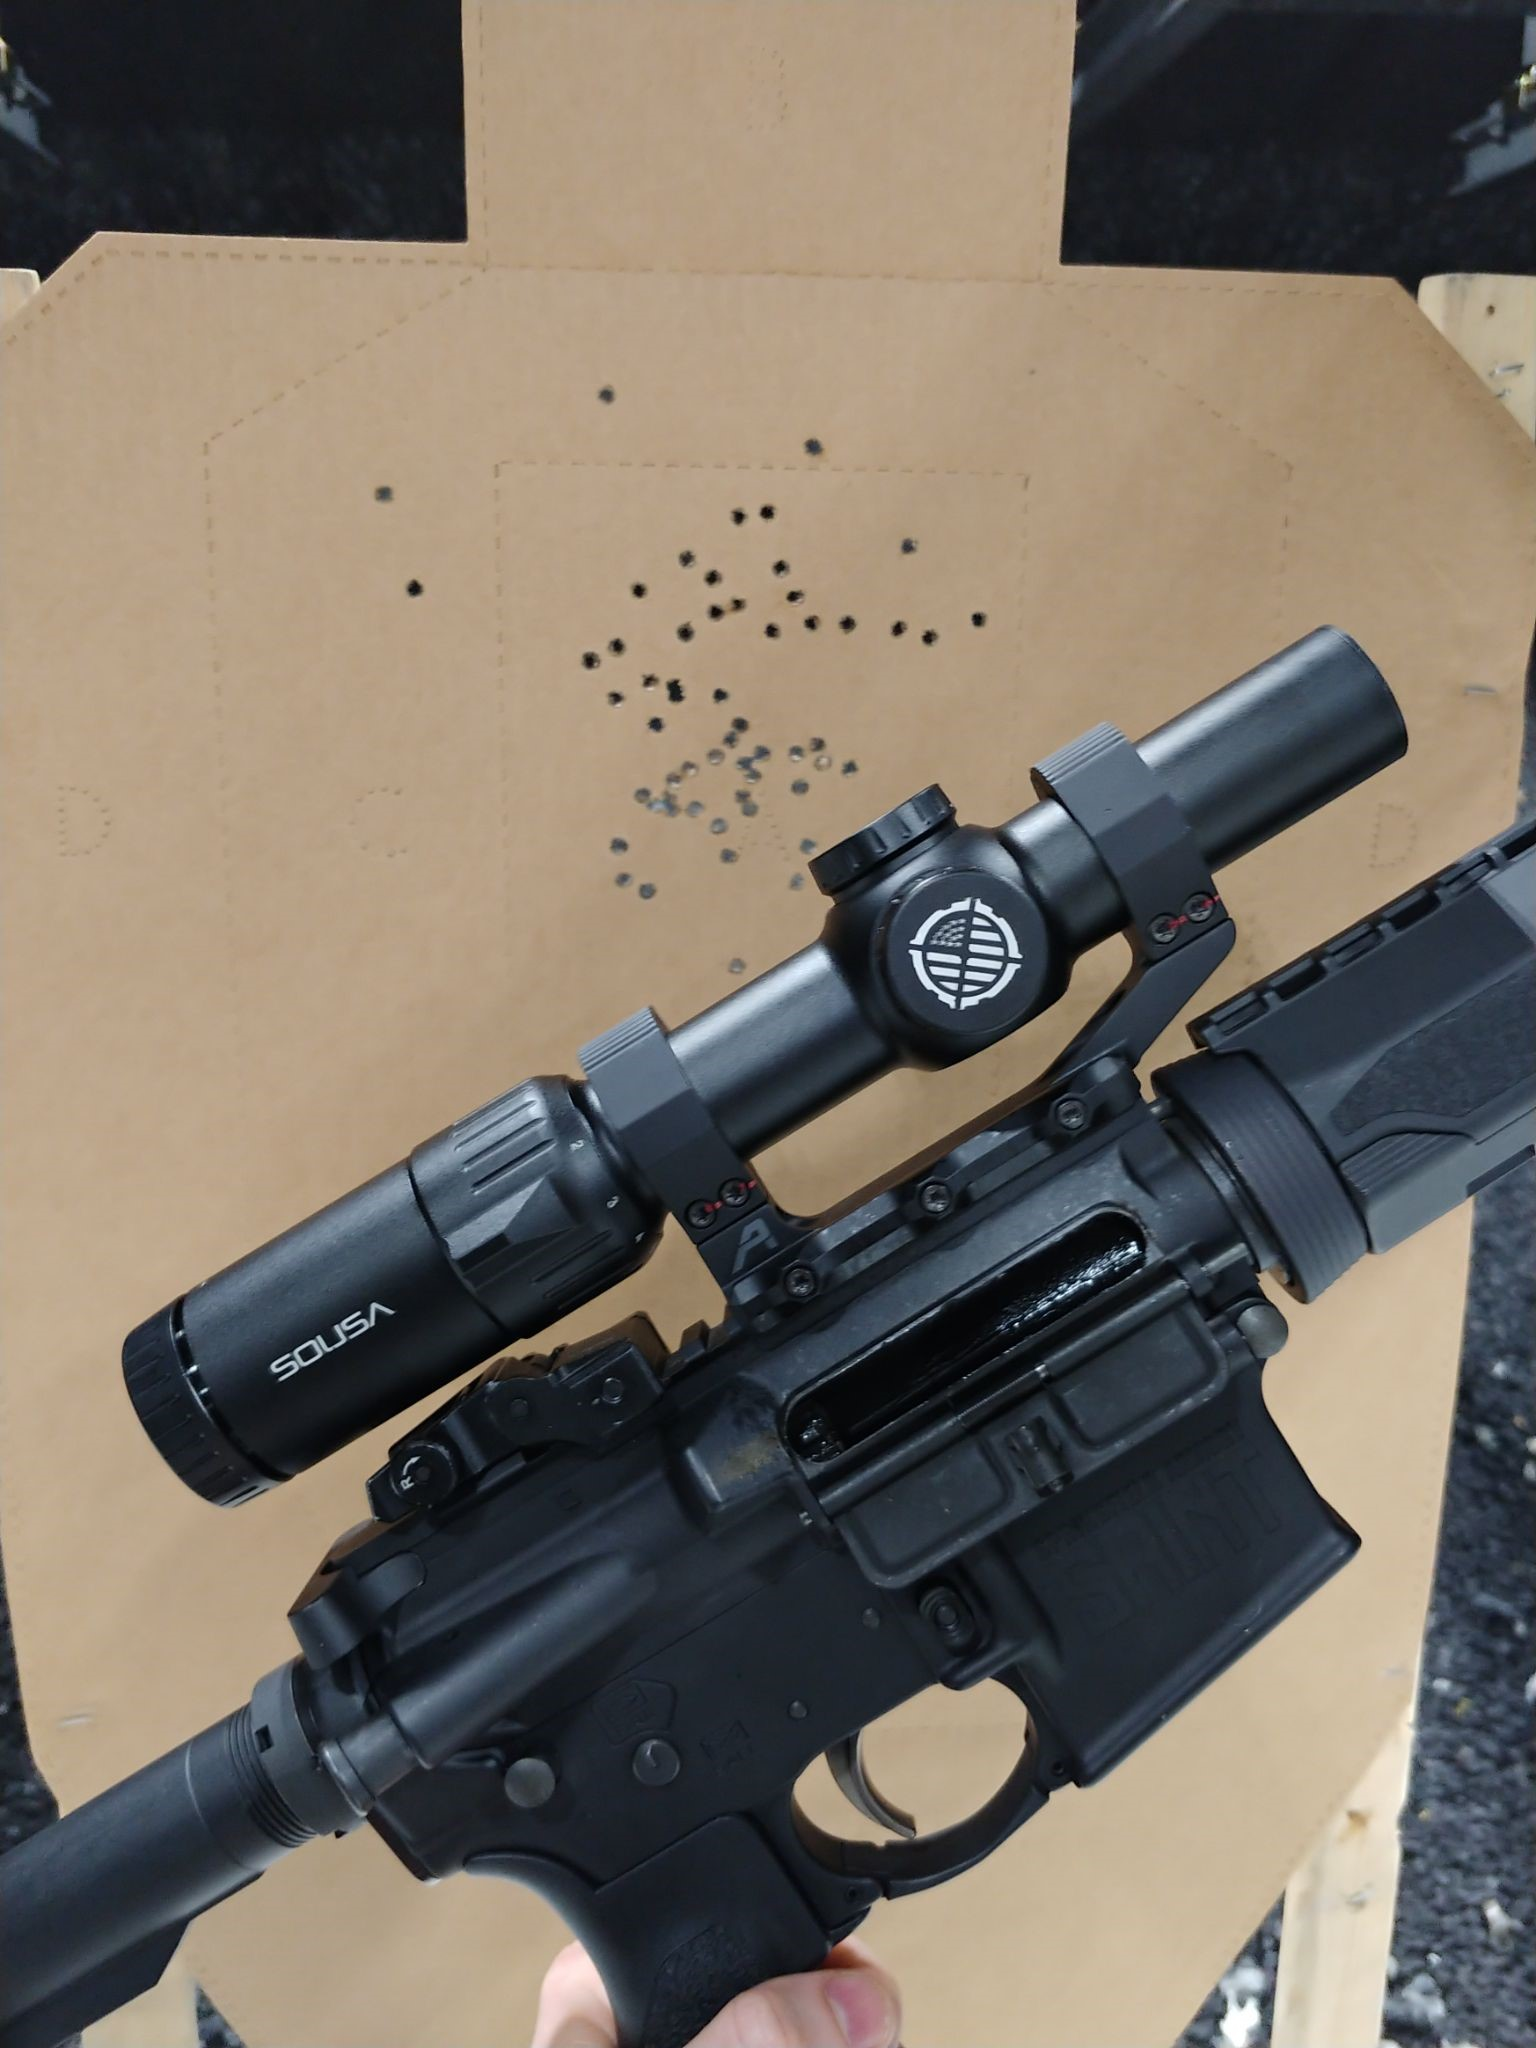 lpvo scope ar optic target